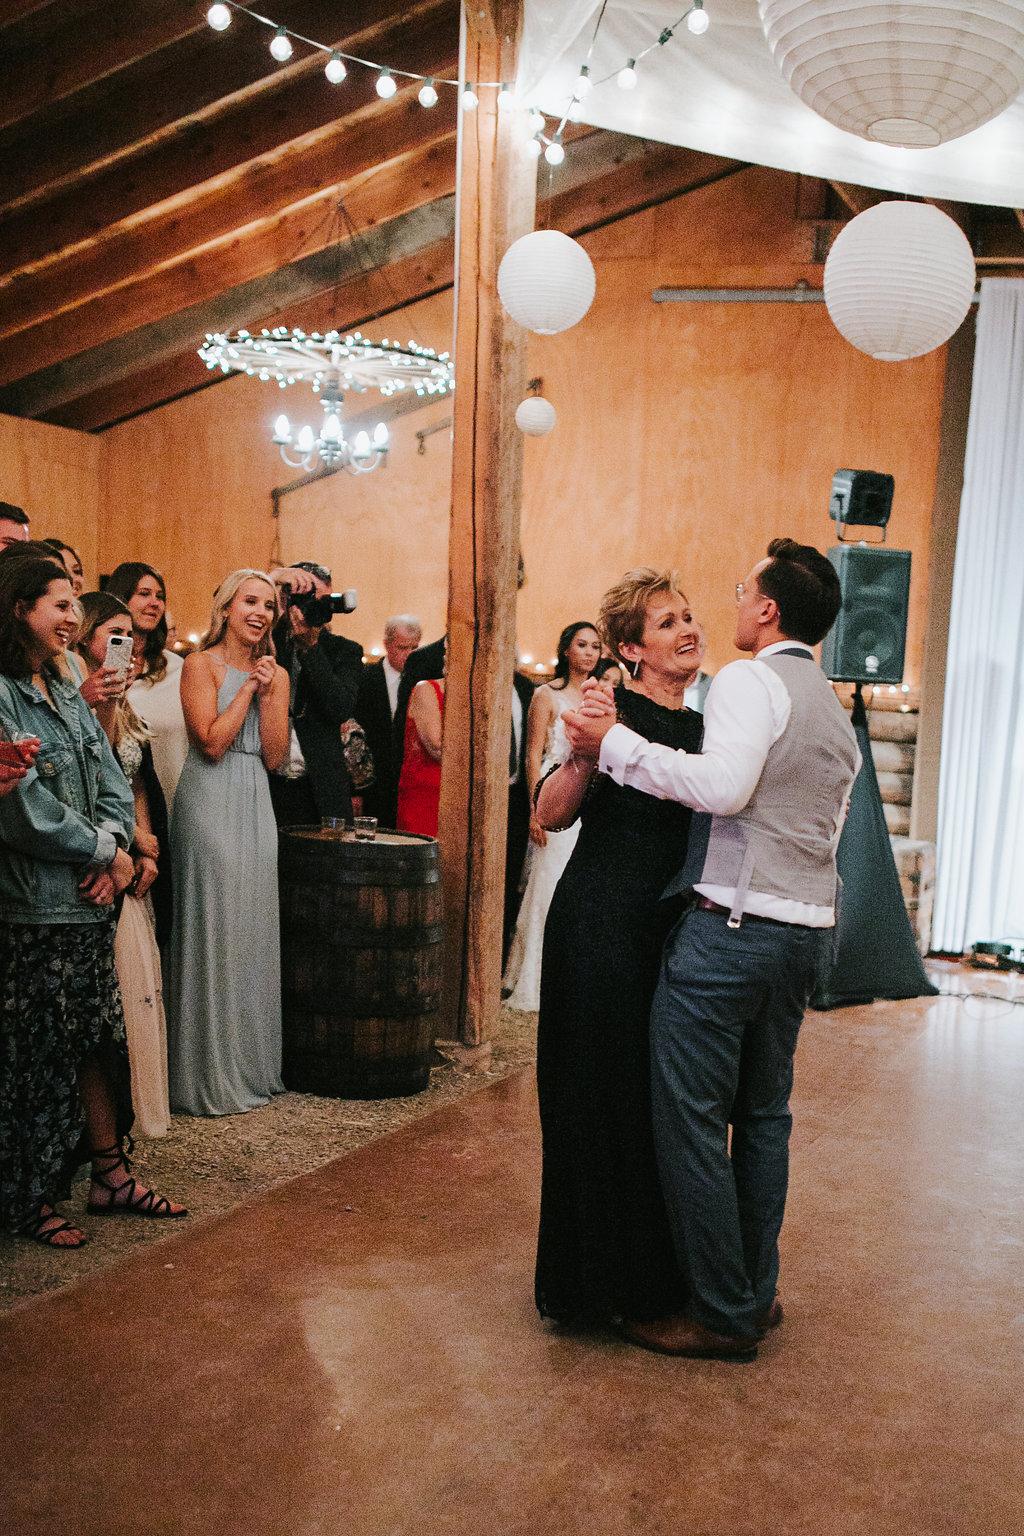 DANCINGPARTY(100of486).jpg